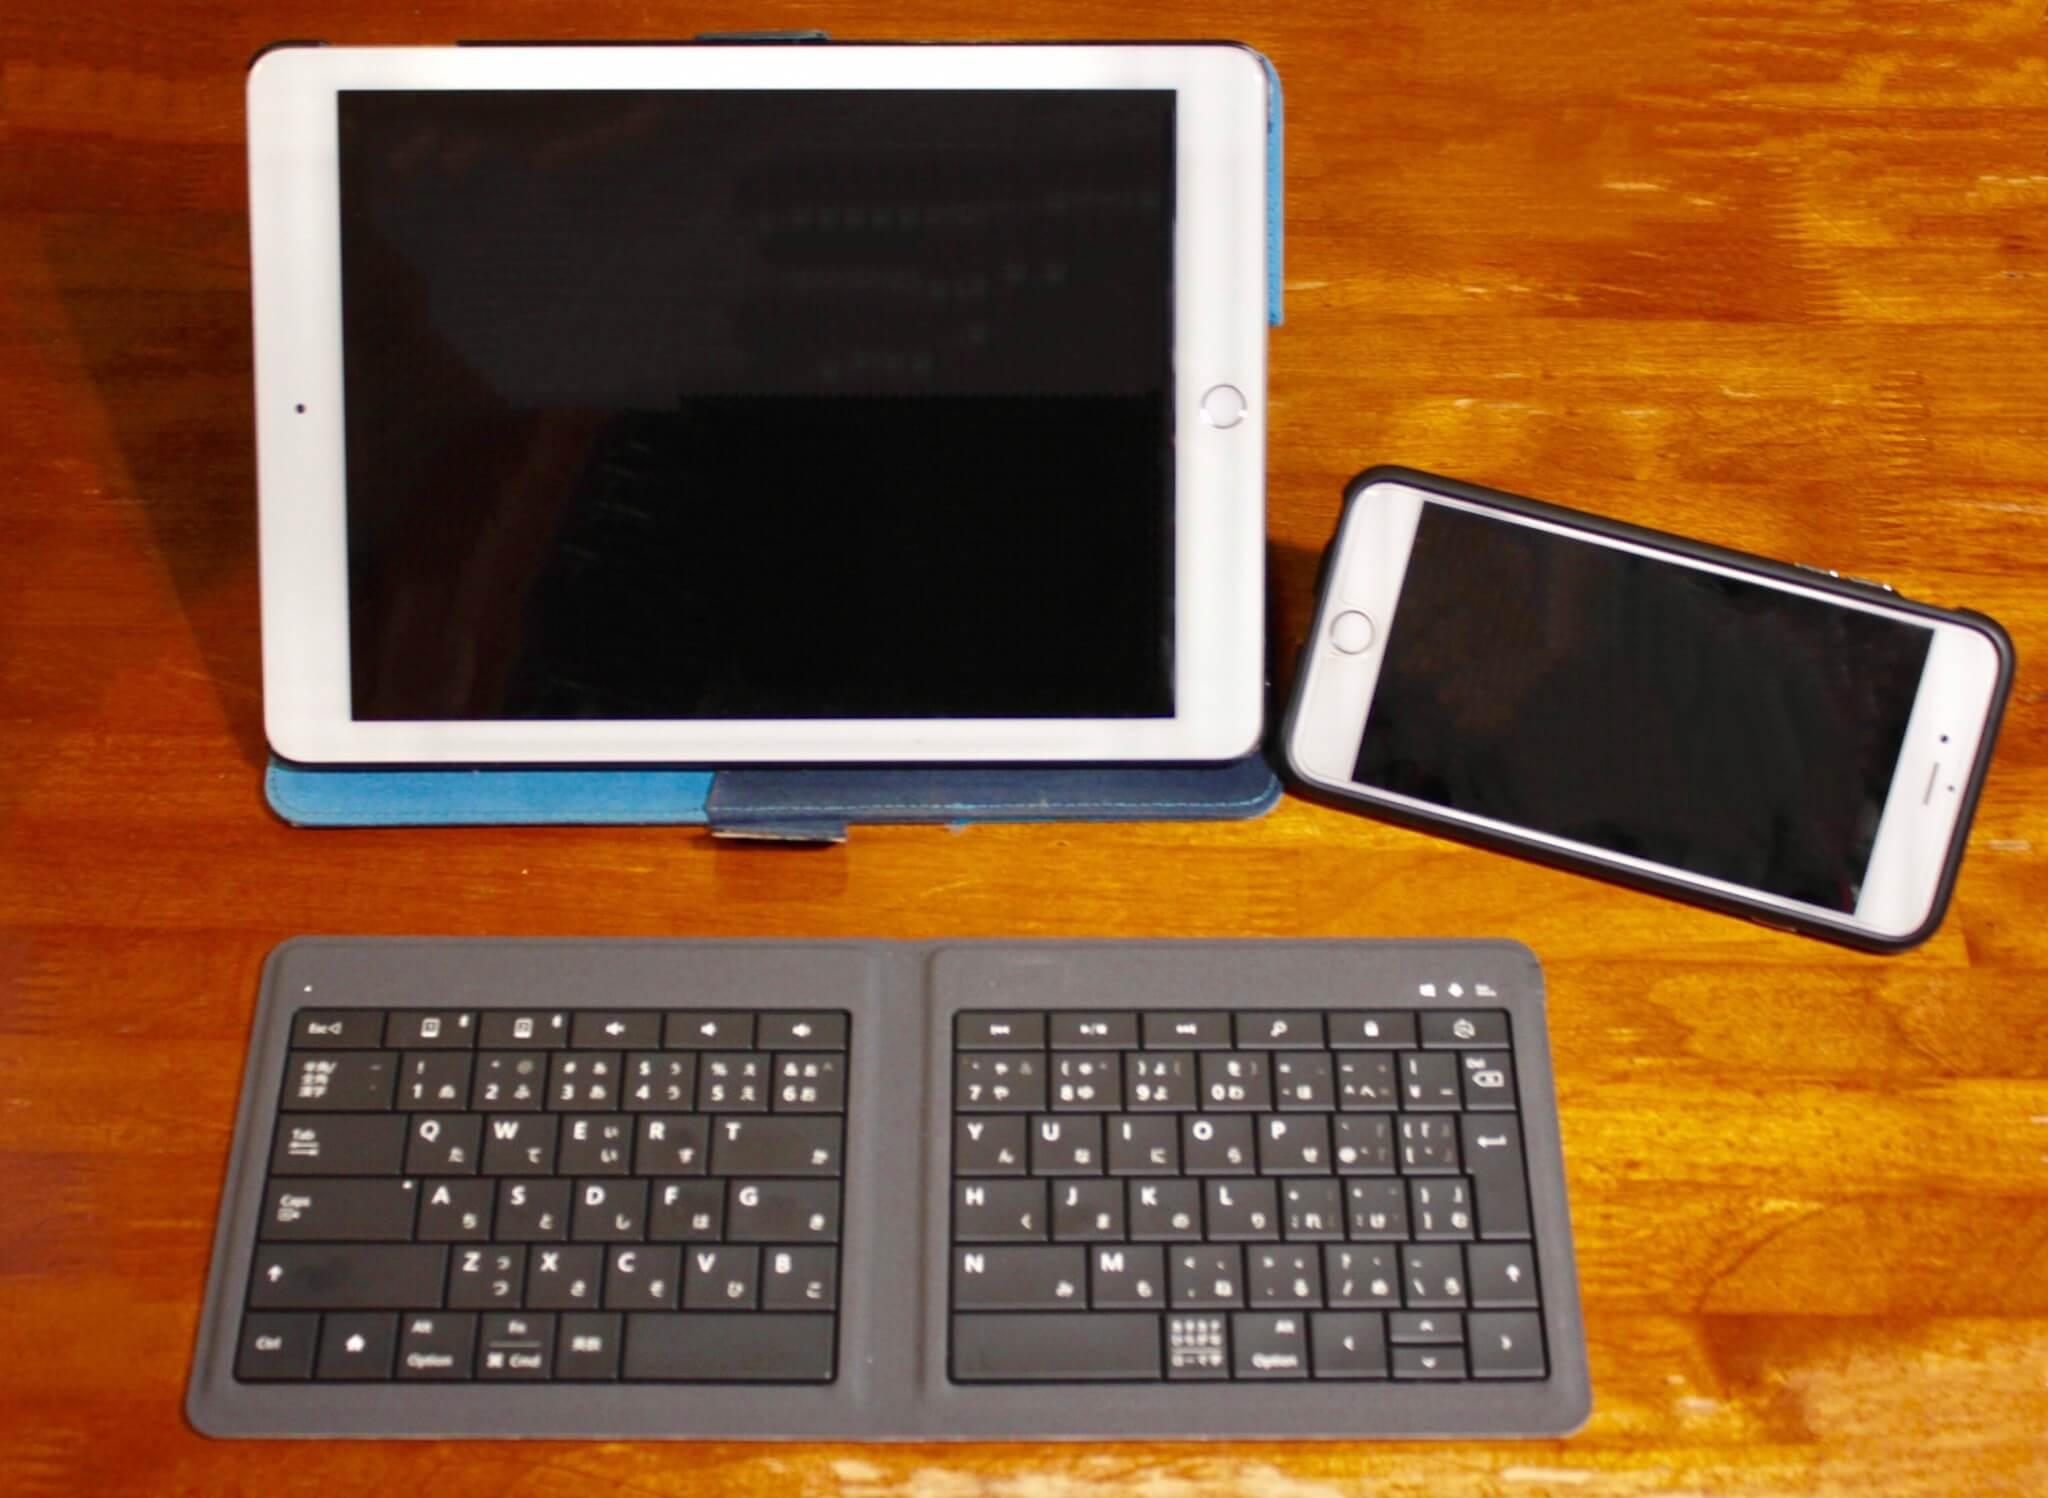 マイクロソフトUniversal Foldable 外付けキーボード GU5-00014 2台利用の切替が瞬時で超便利!!